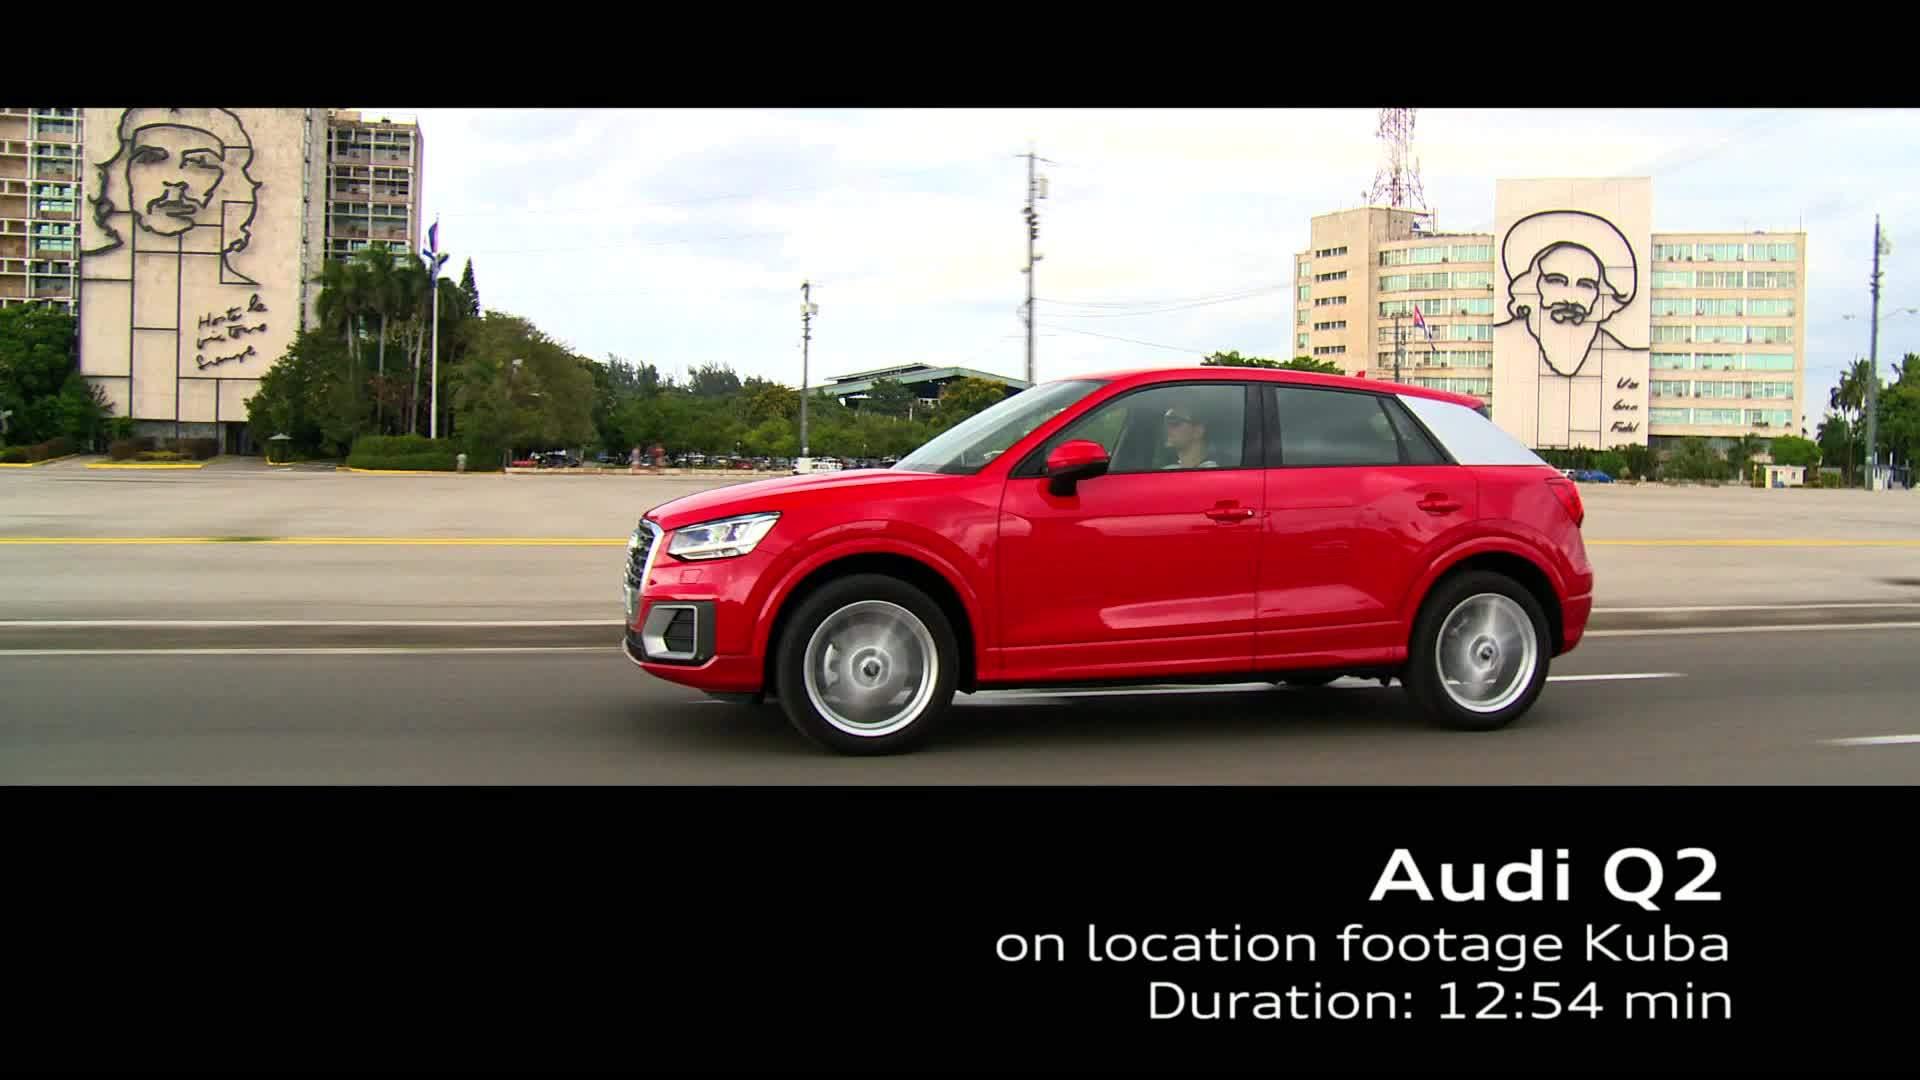 Audi Q2 - Footage Kuba